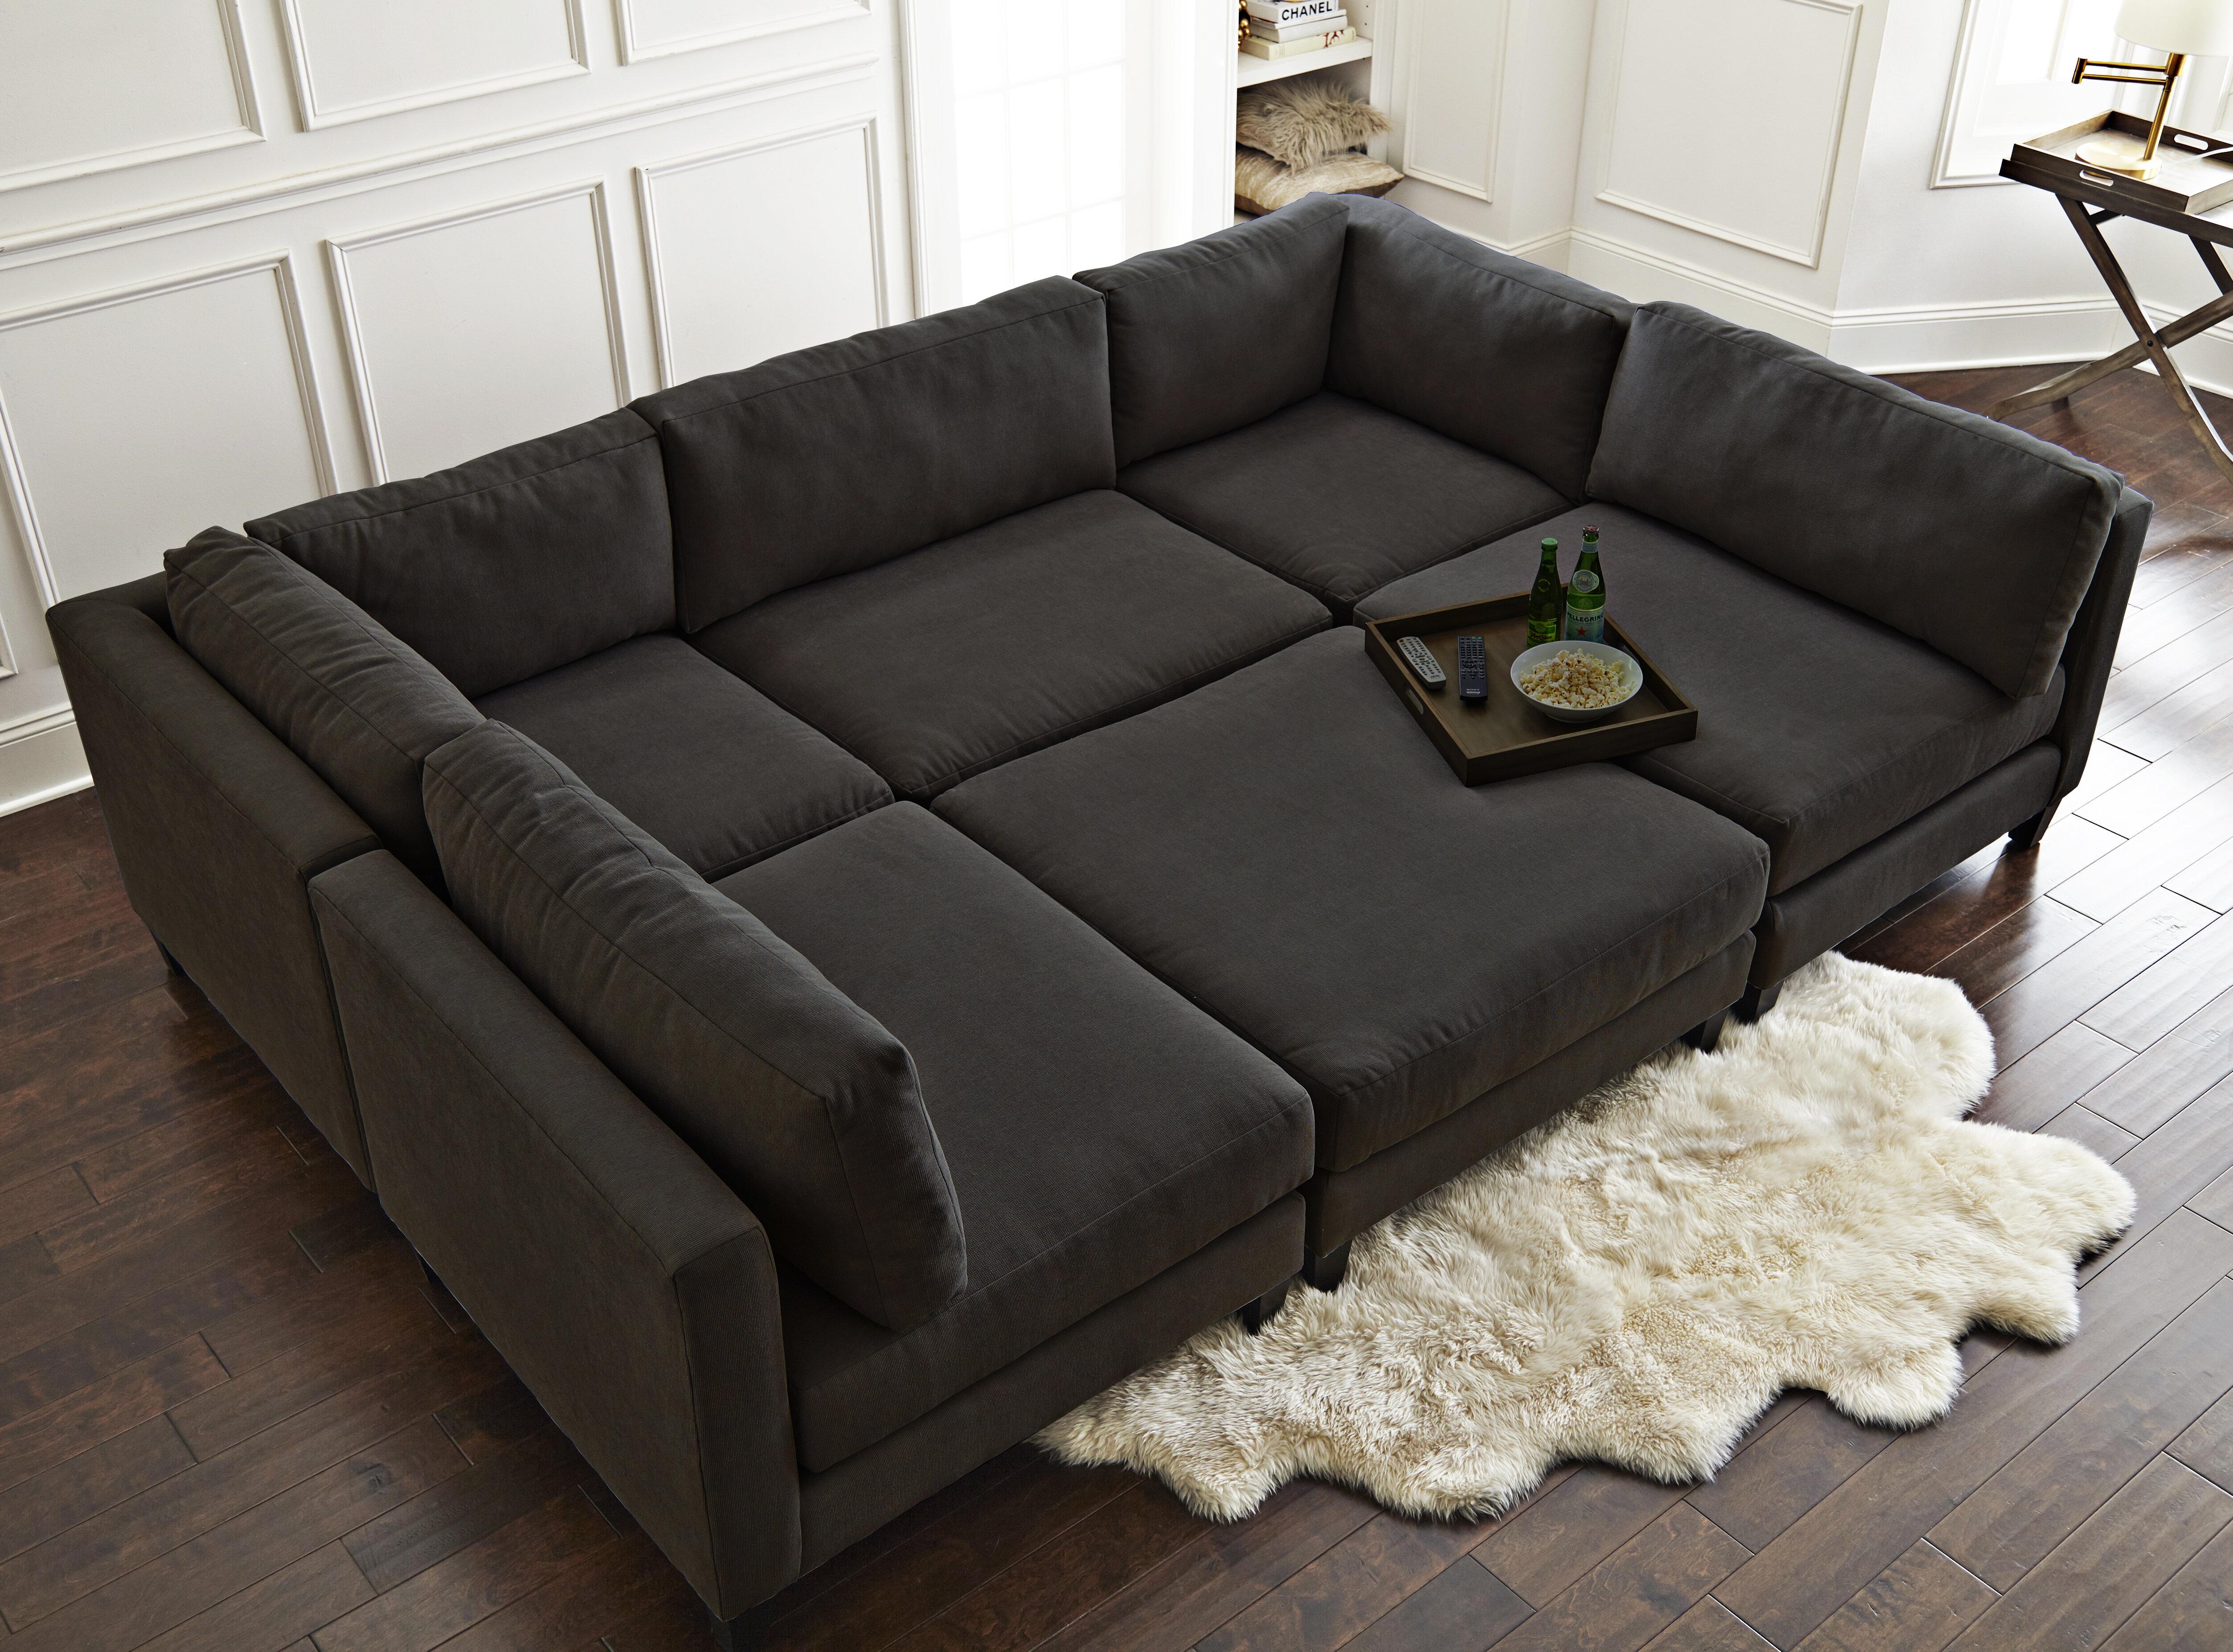 Home by Sean & Catherine Lowe Chelsea Reversible Sleeper ...